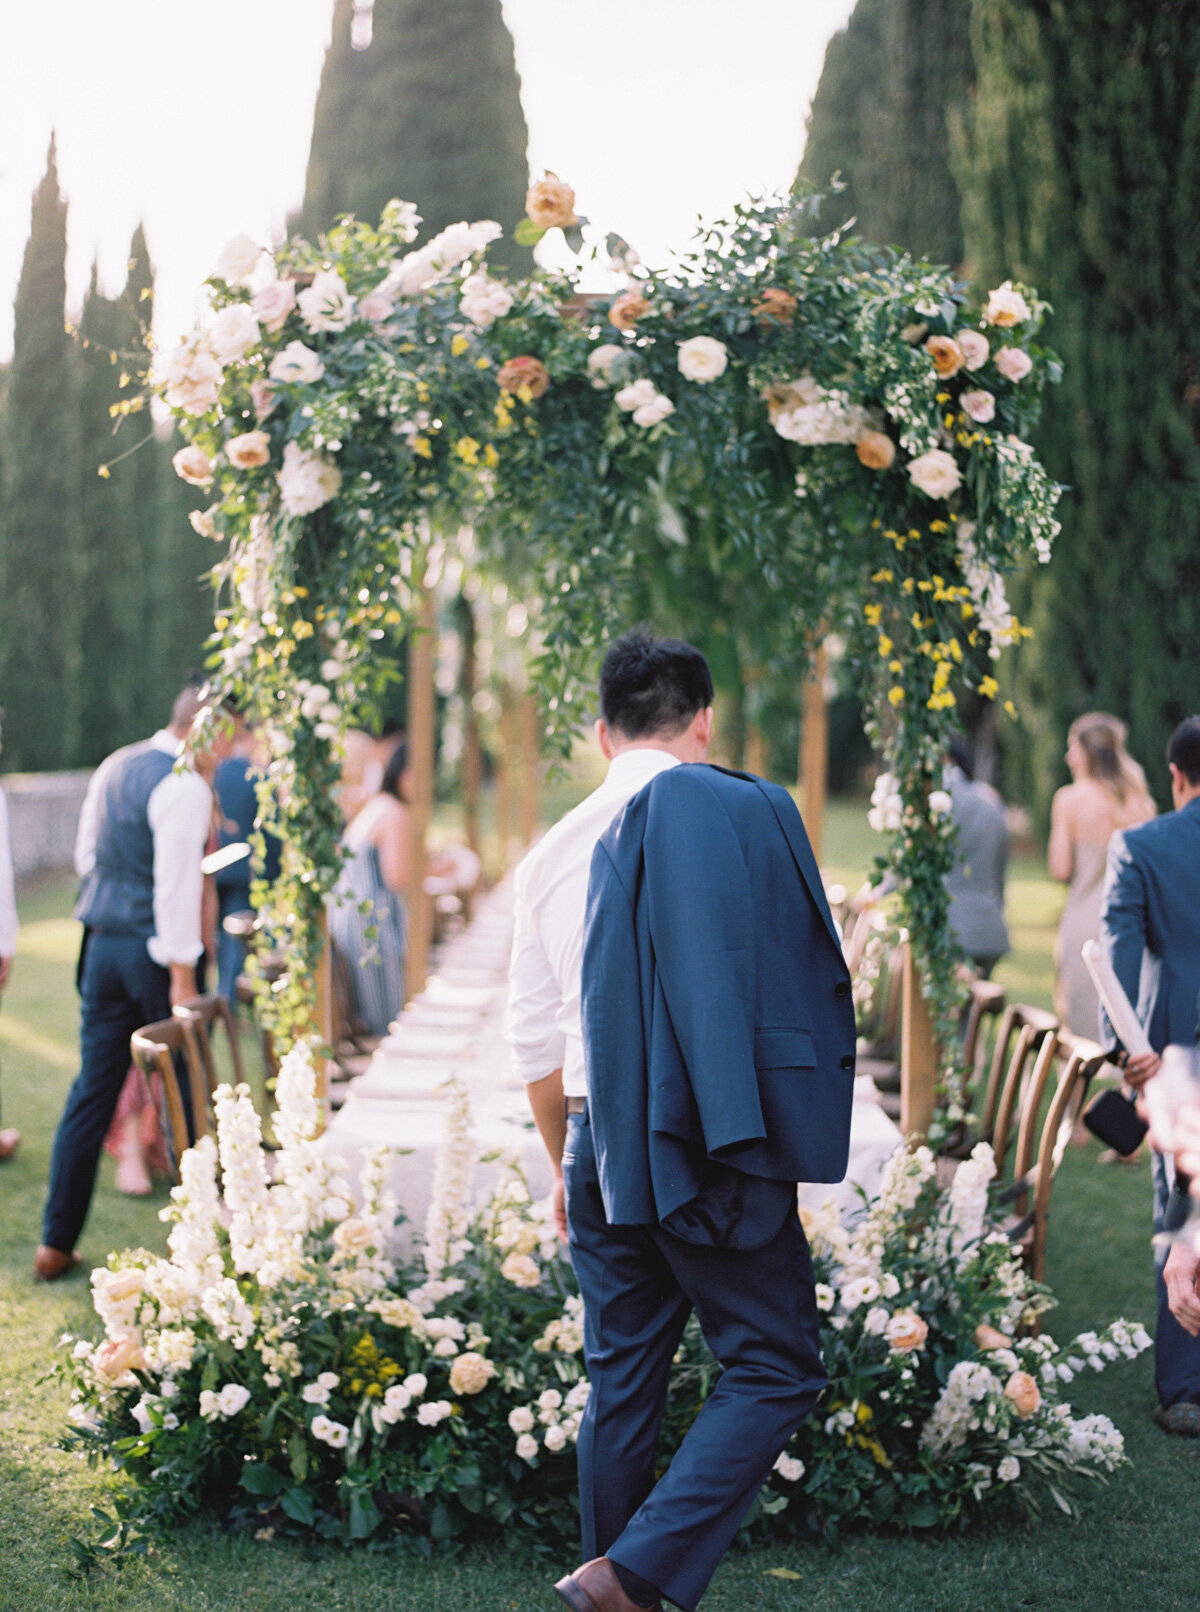 Villa-Cetinale-Tuscany-Katie-Grant-destination-wedding (104 of 115).jpg